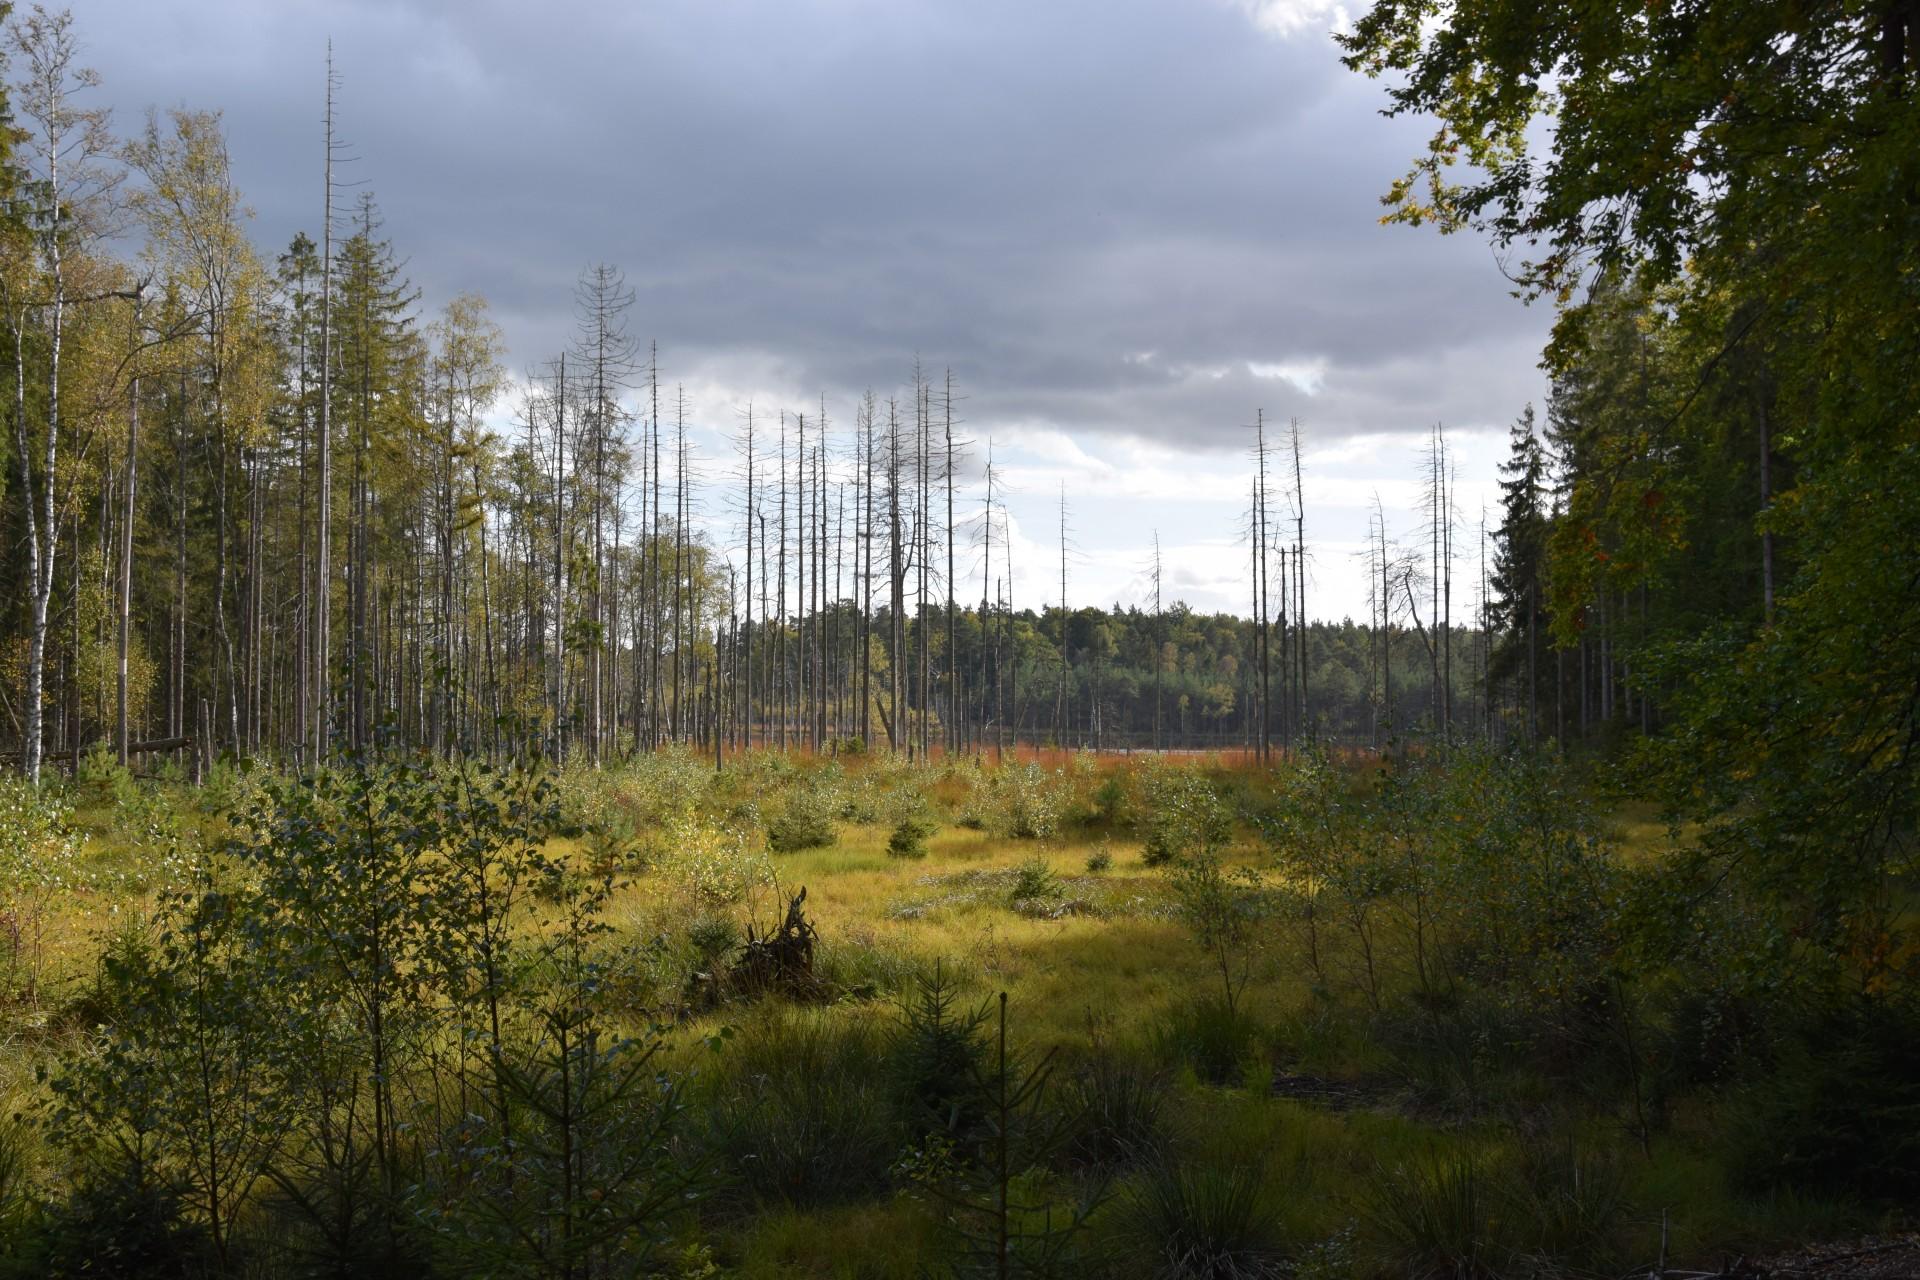 Lasy Mirachowskie. Pajęczyna ukryta między drzewami 8